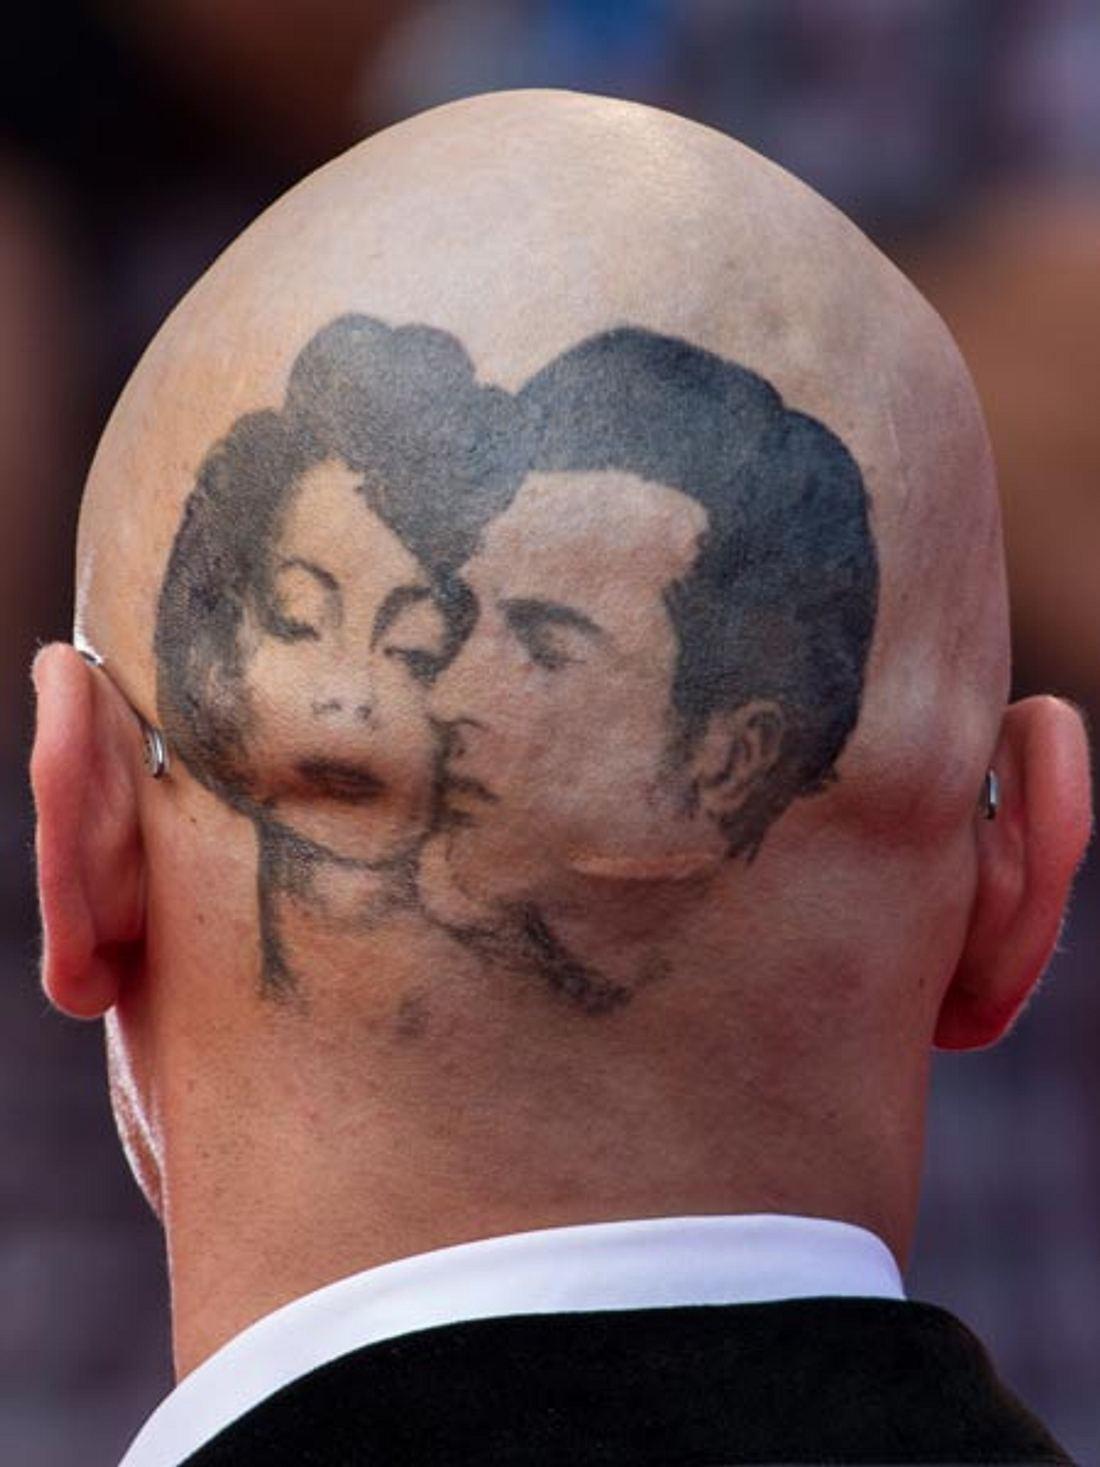 James Franco schockt mit Riesen-Tattoo